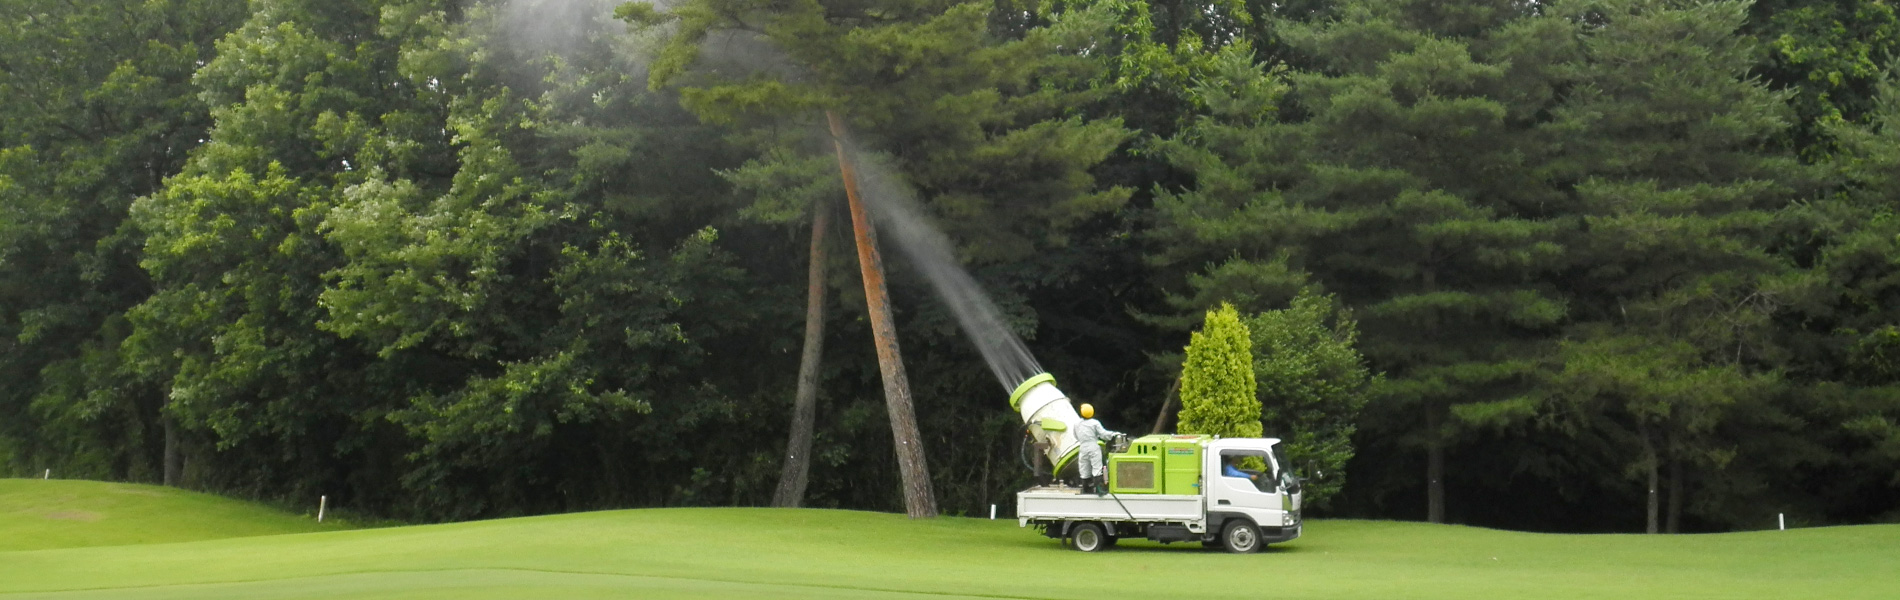 富士グリーン株式会社は緑を守るお手伝いをいたします